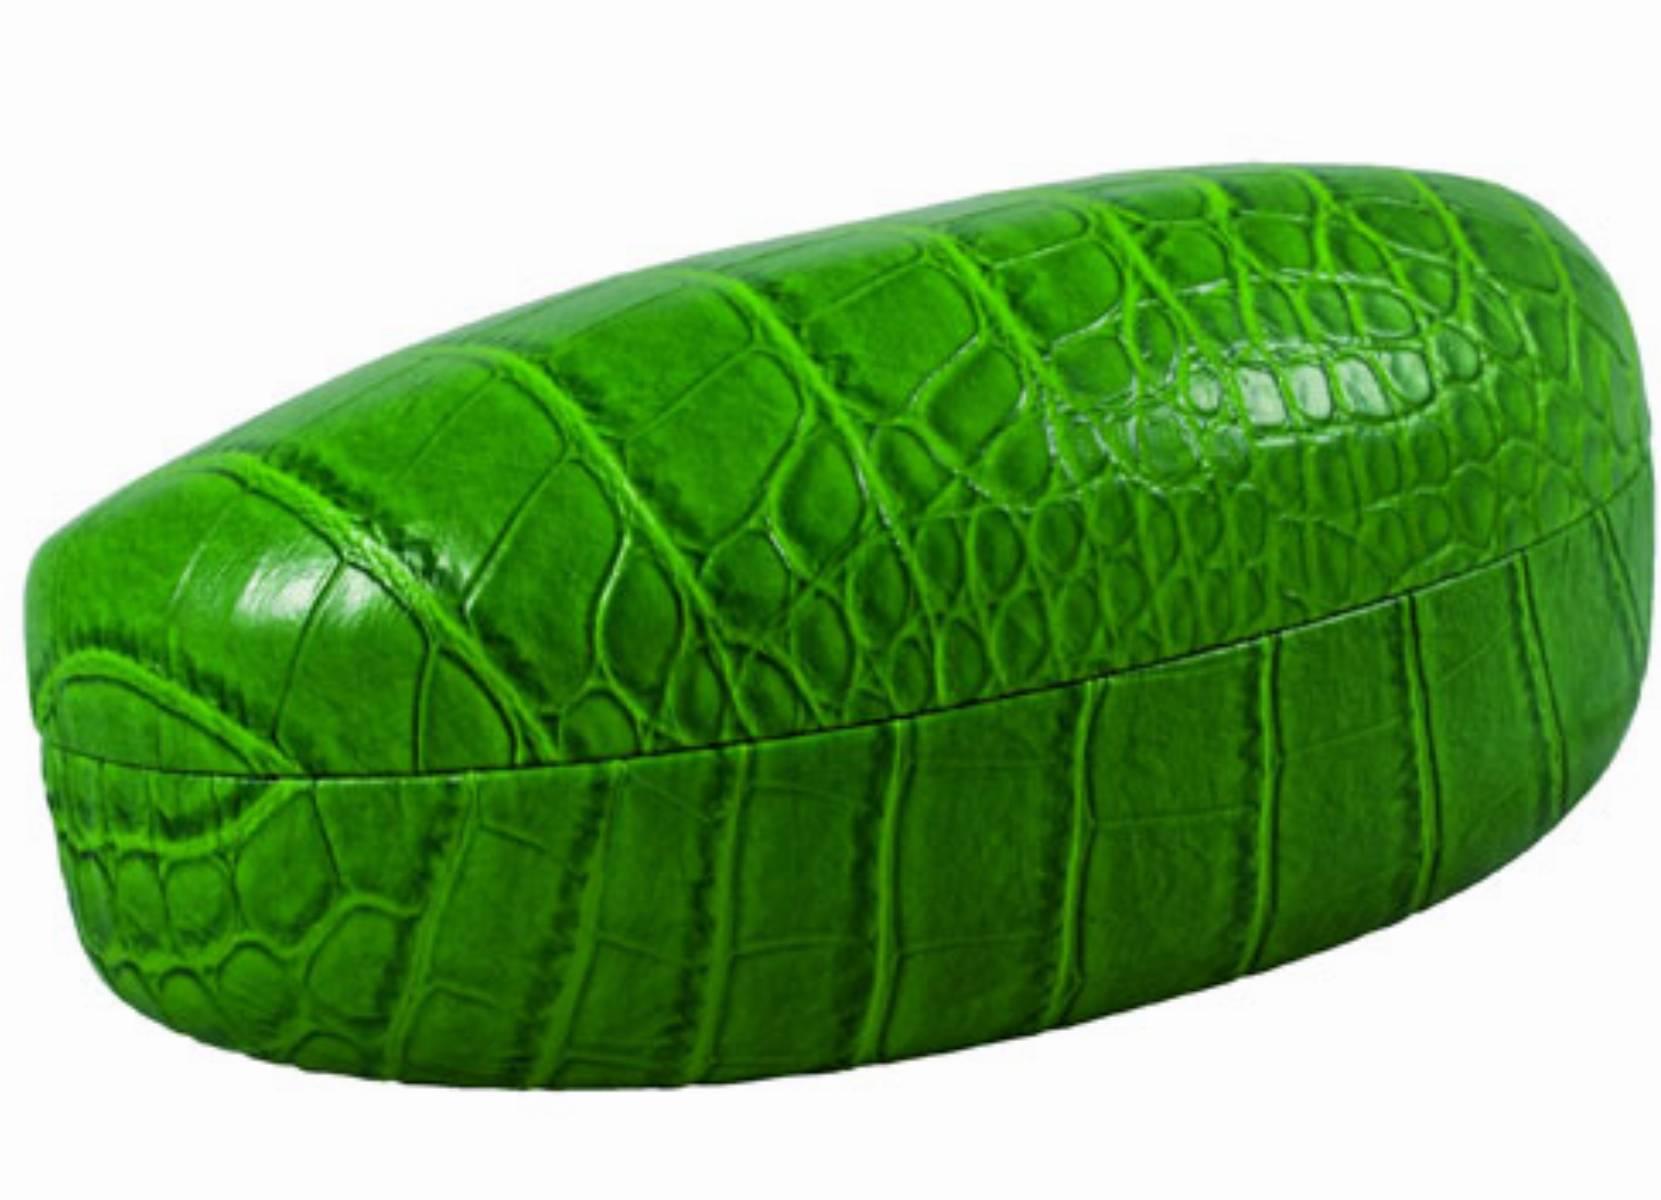 Bizuteria SIX - Green Pepper etui na okulary 27,90 zl